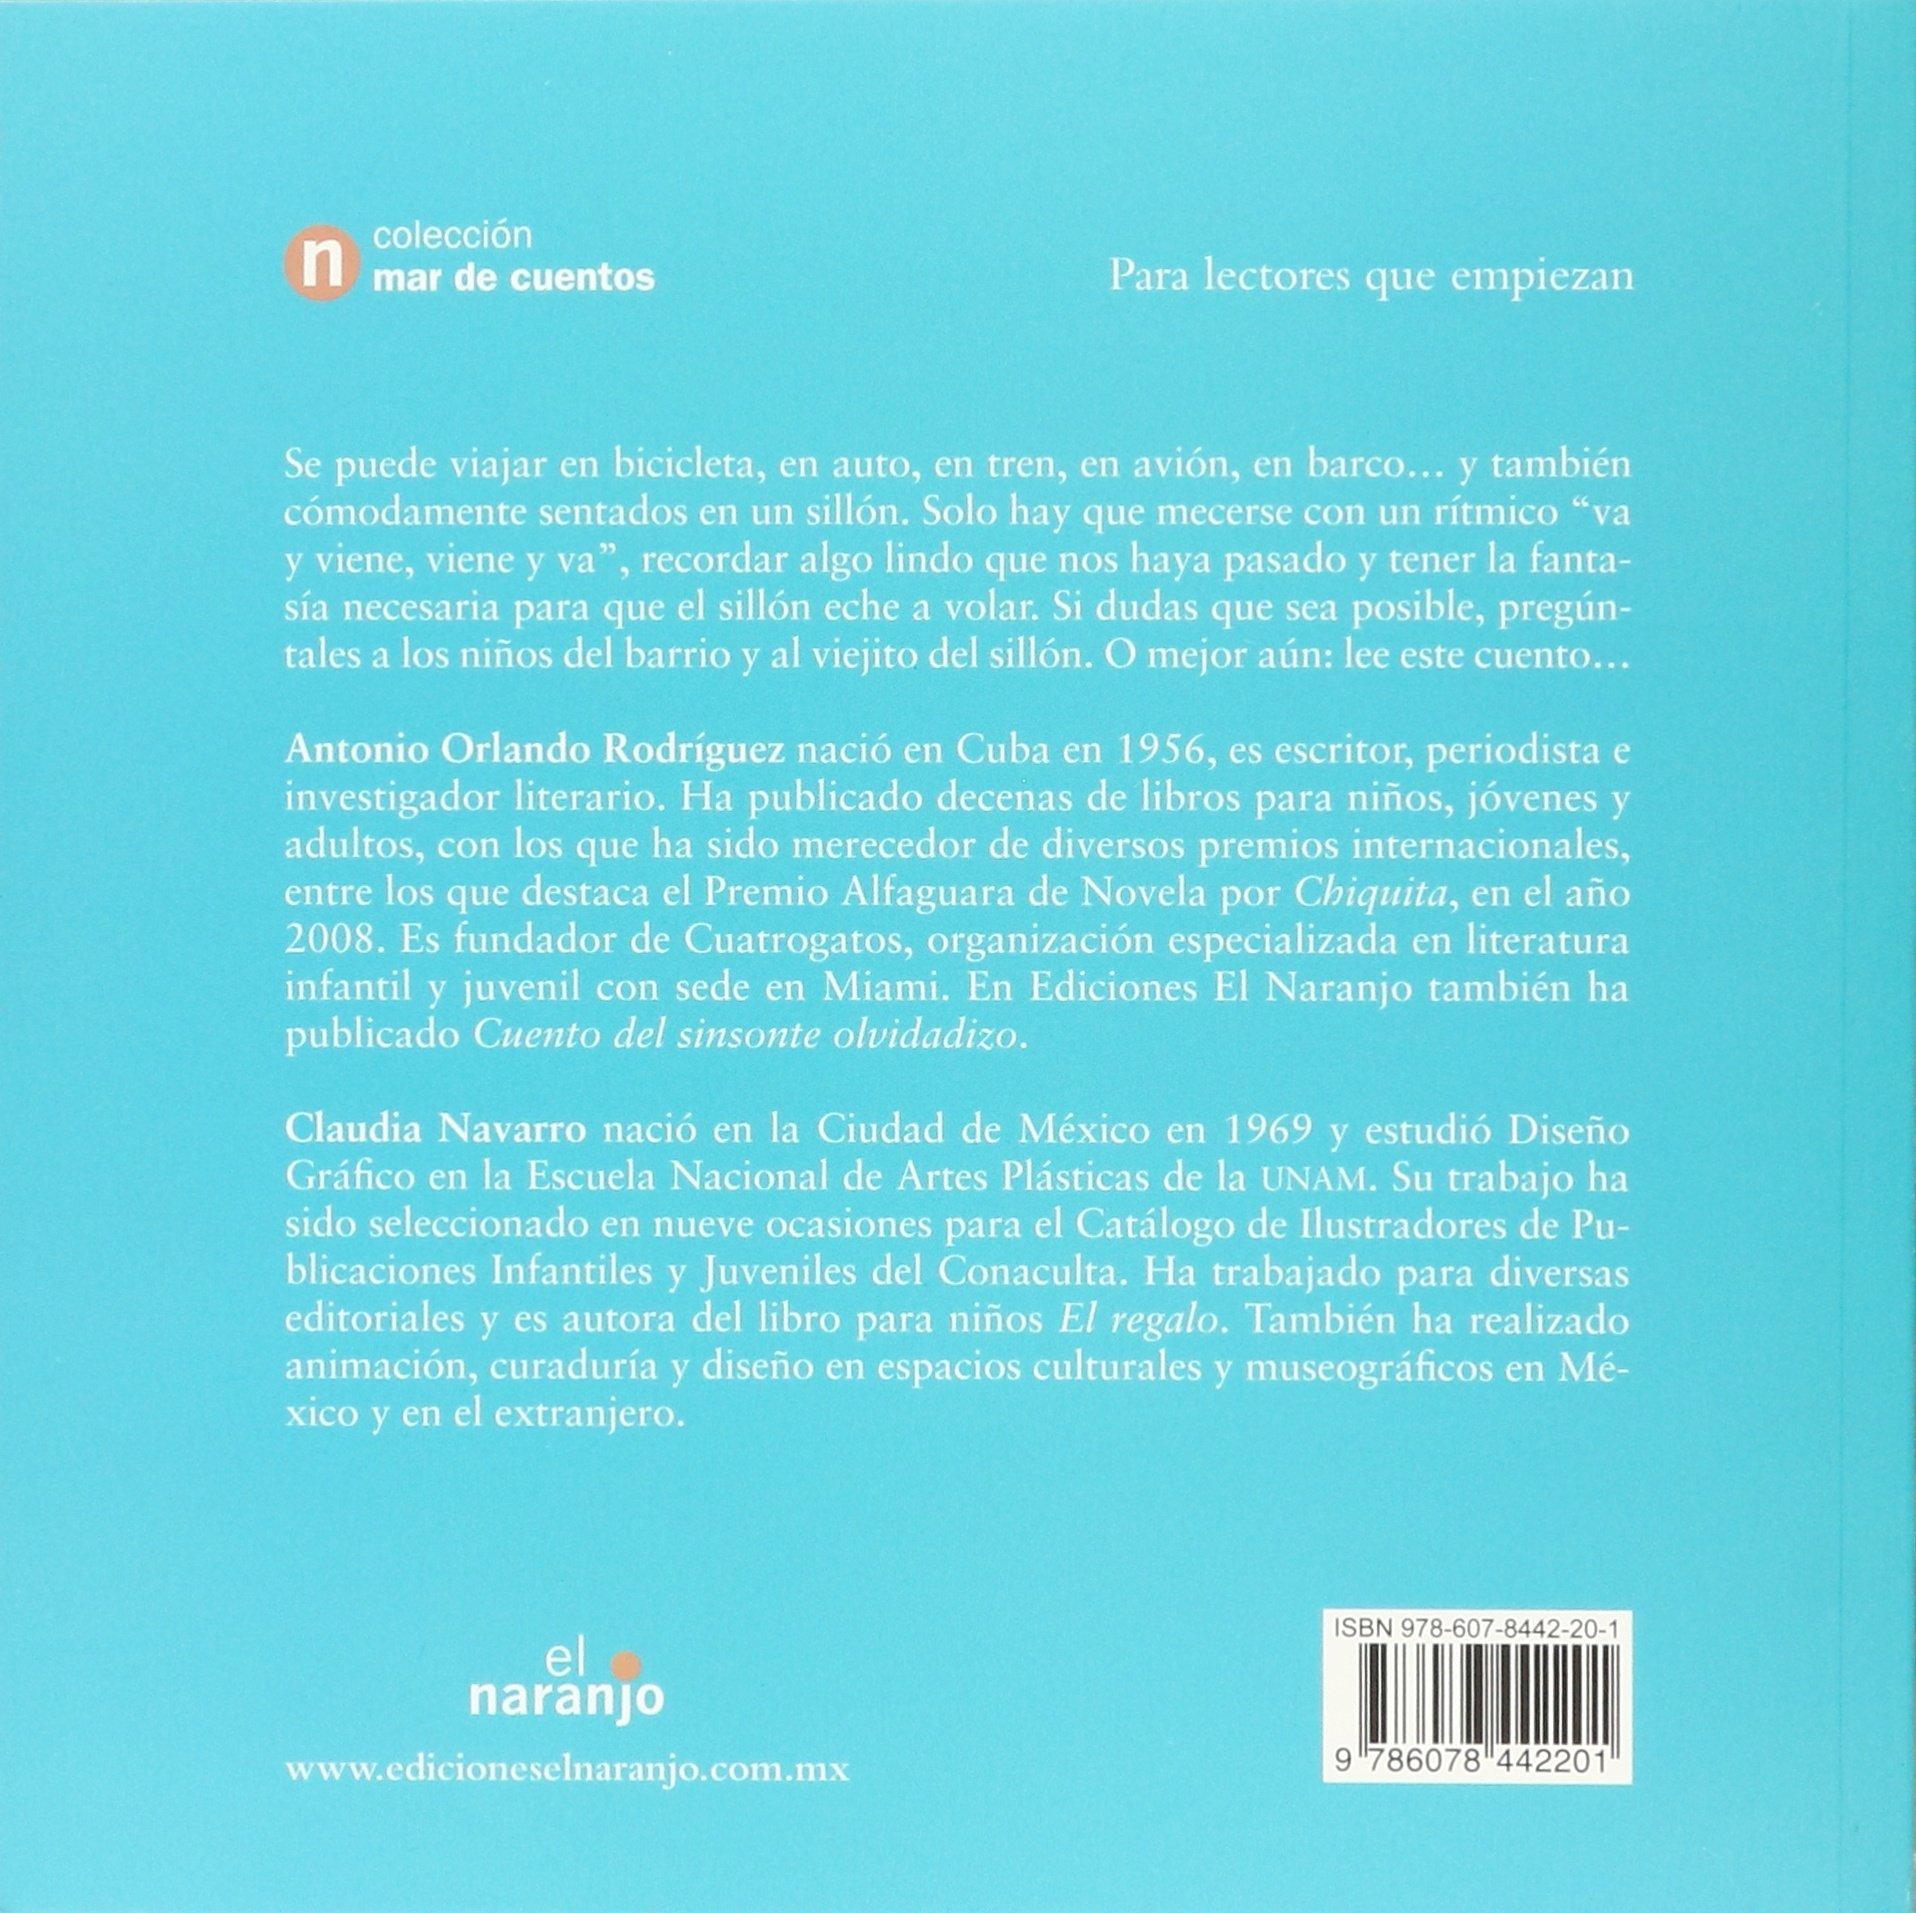 Viejito del sillón, El: Varios: 9786078442201: Amazon.com: Books